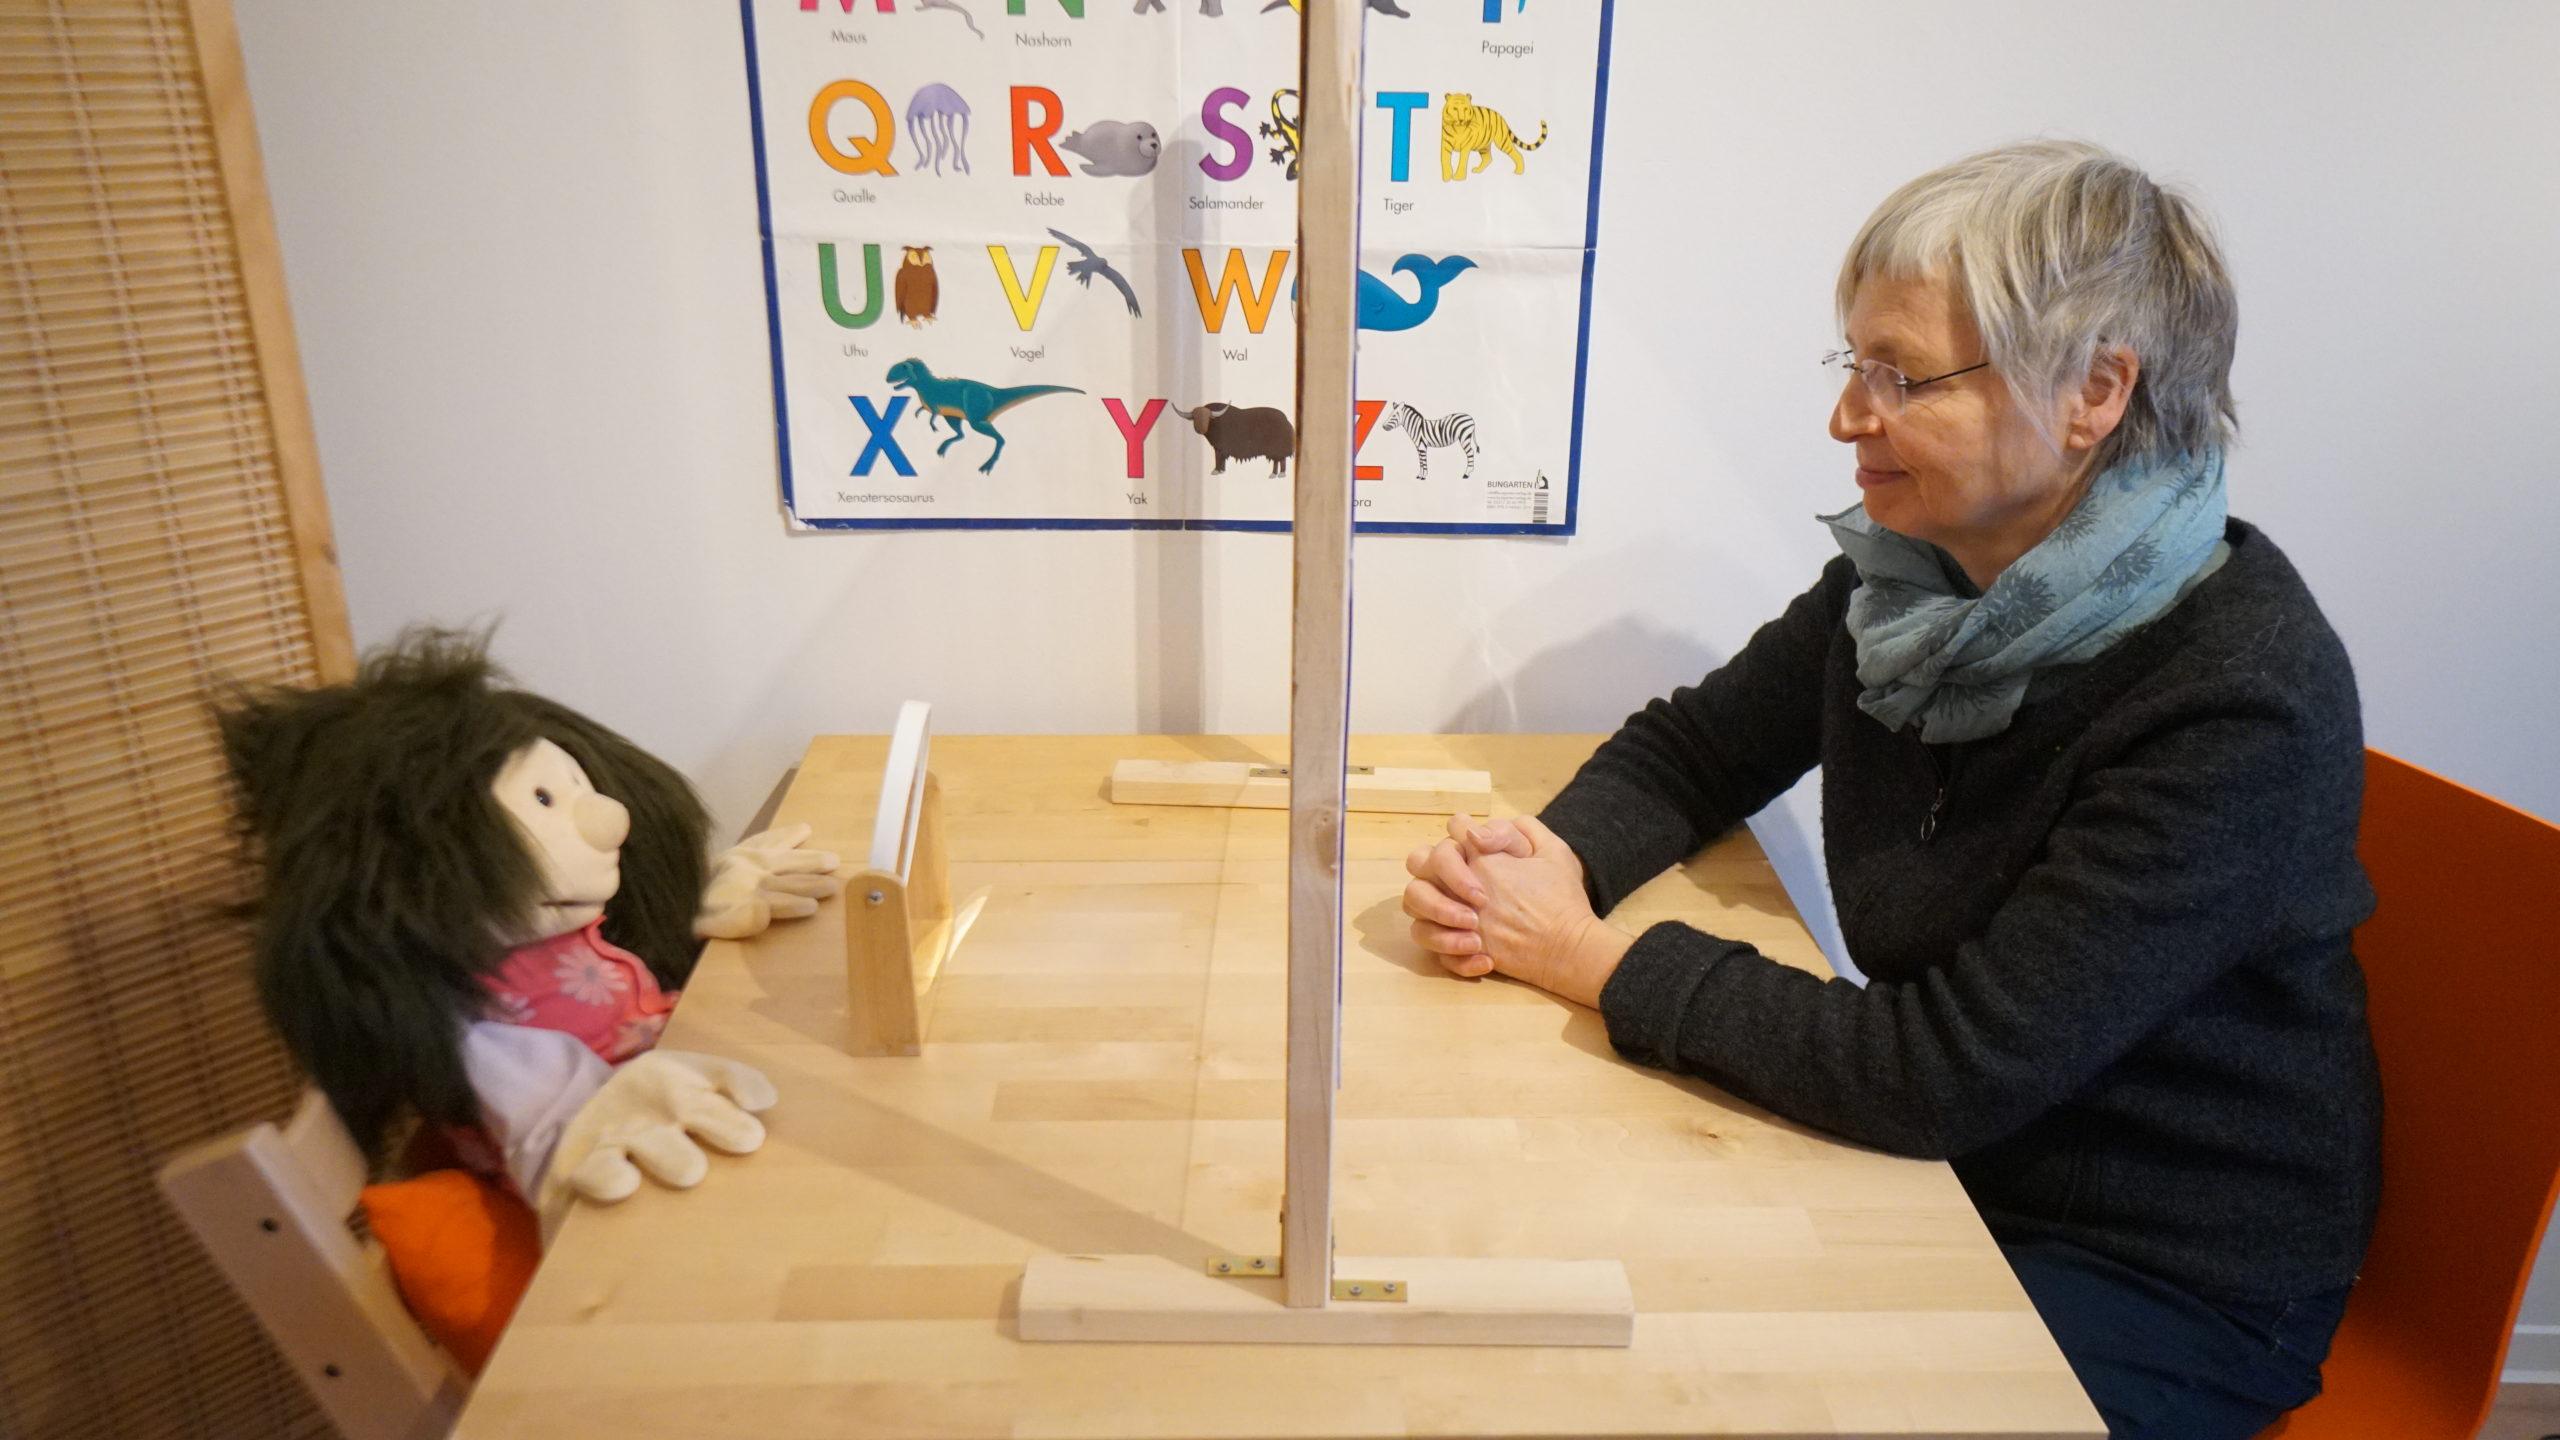 Sabine Goffart und eine große Handpuppe sitzen am Behandlungstisch